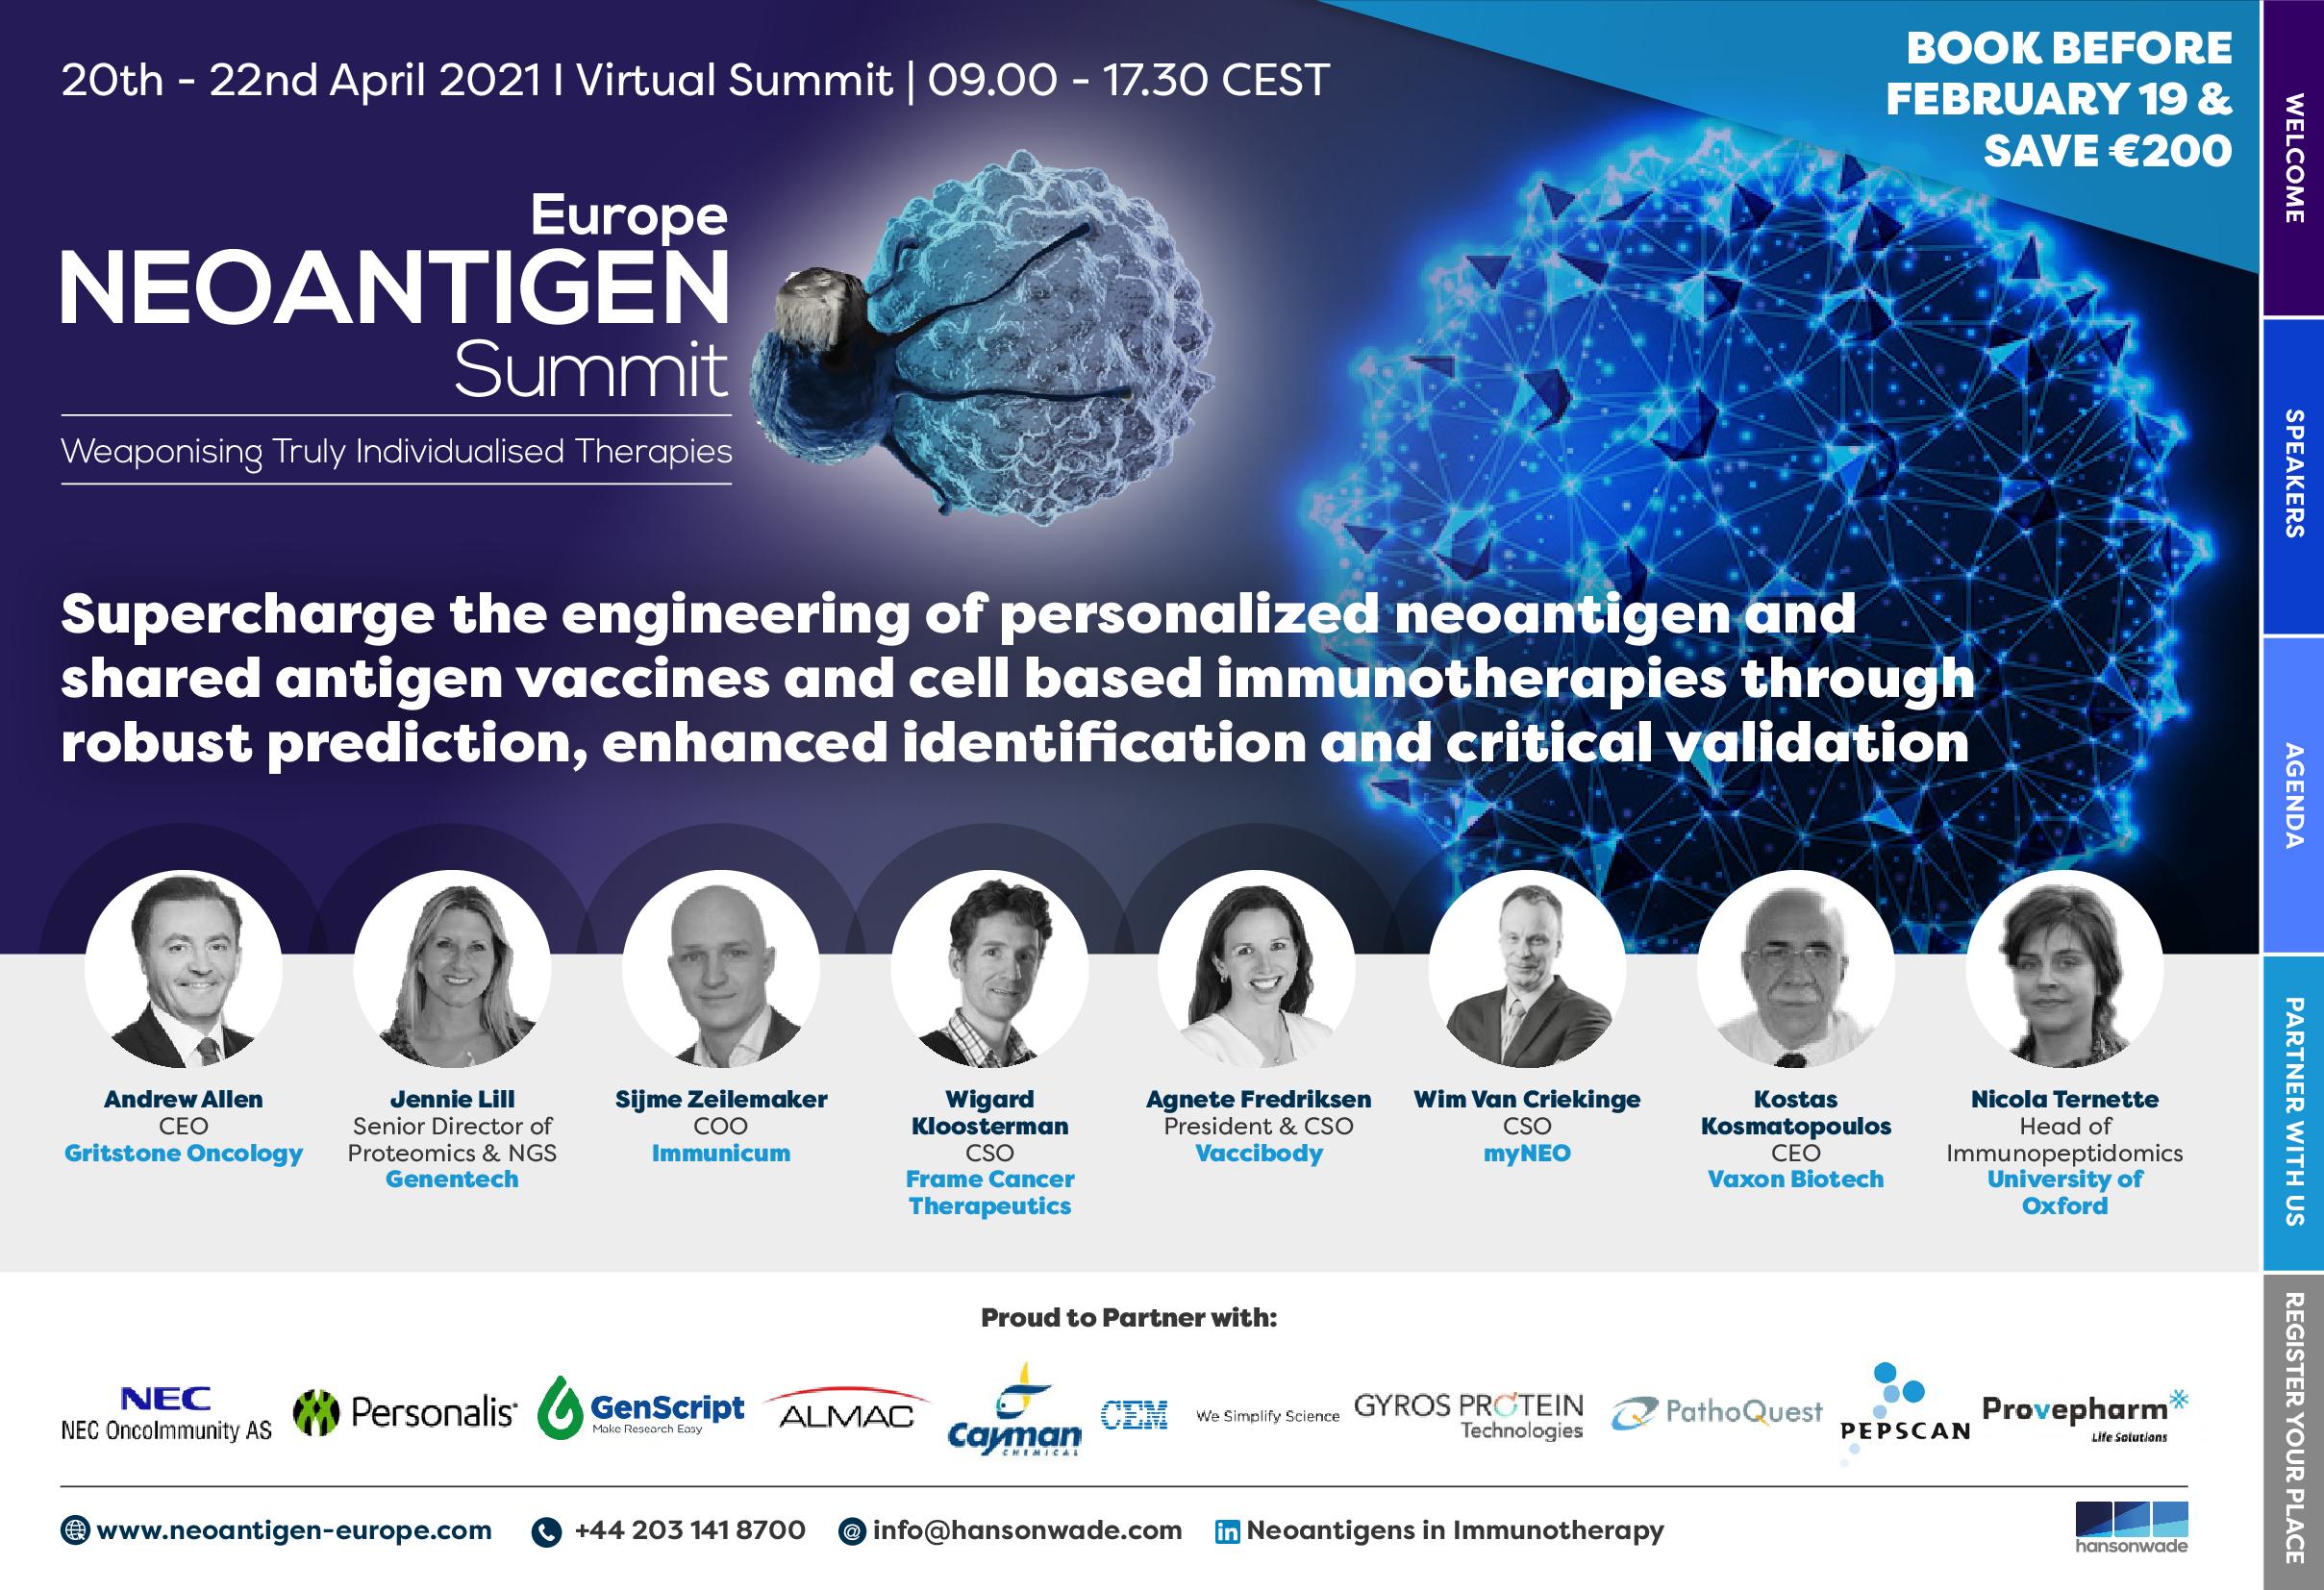 Neoantigen Summit Europe 2021 Full Event Guide